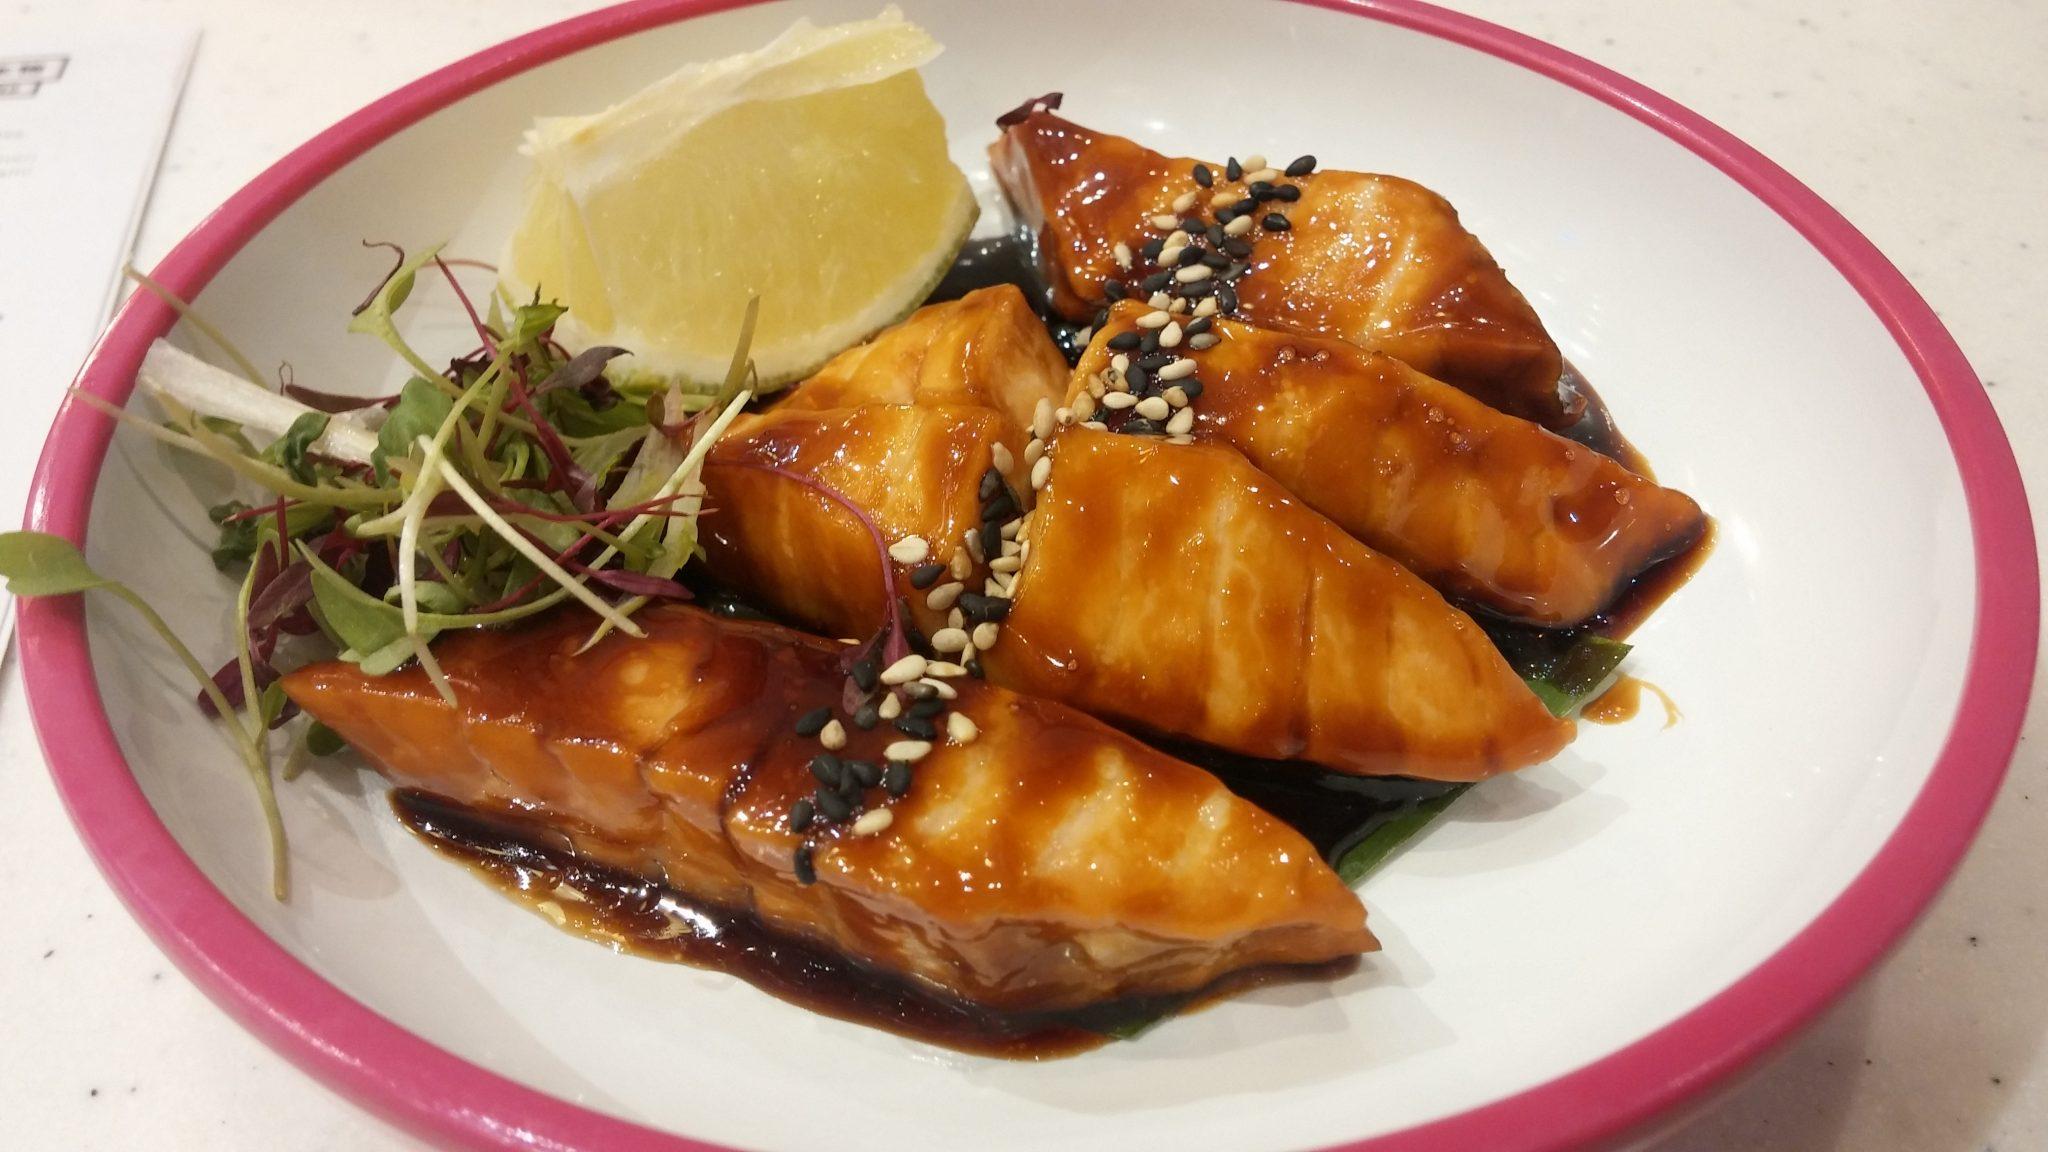 grill hot salmon steaks glazed in sweet soy sauce